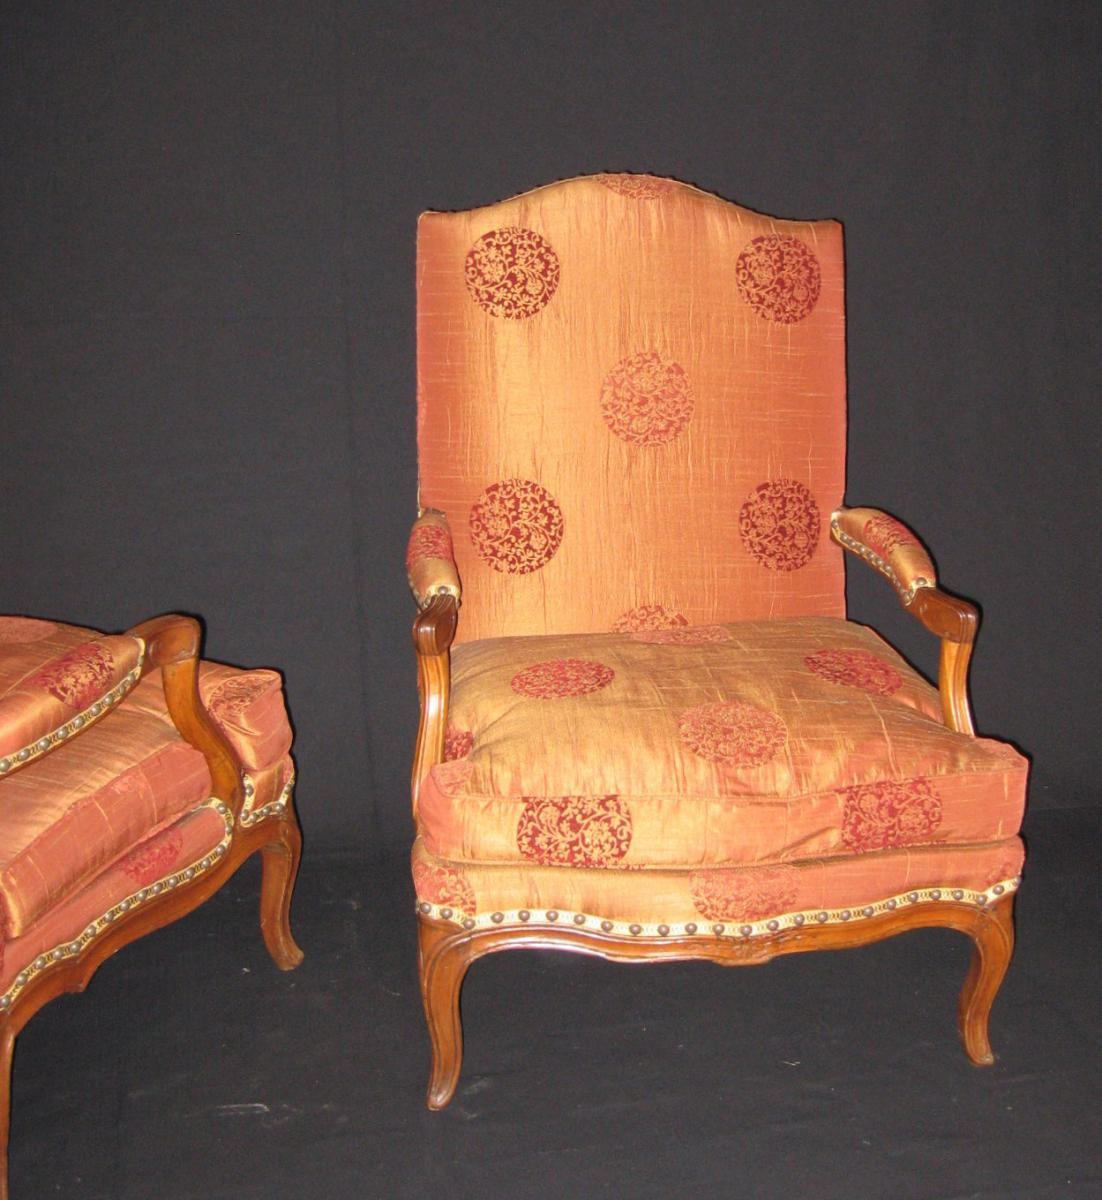 paire de fauteuils coin de feu d 39 poque louis xv fauteuils. Black Bedroom Furniture Sets. Home Design Ideas